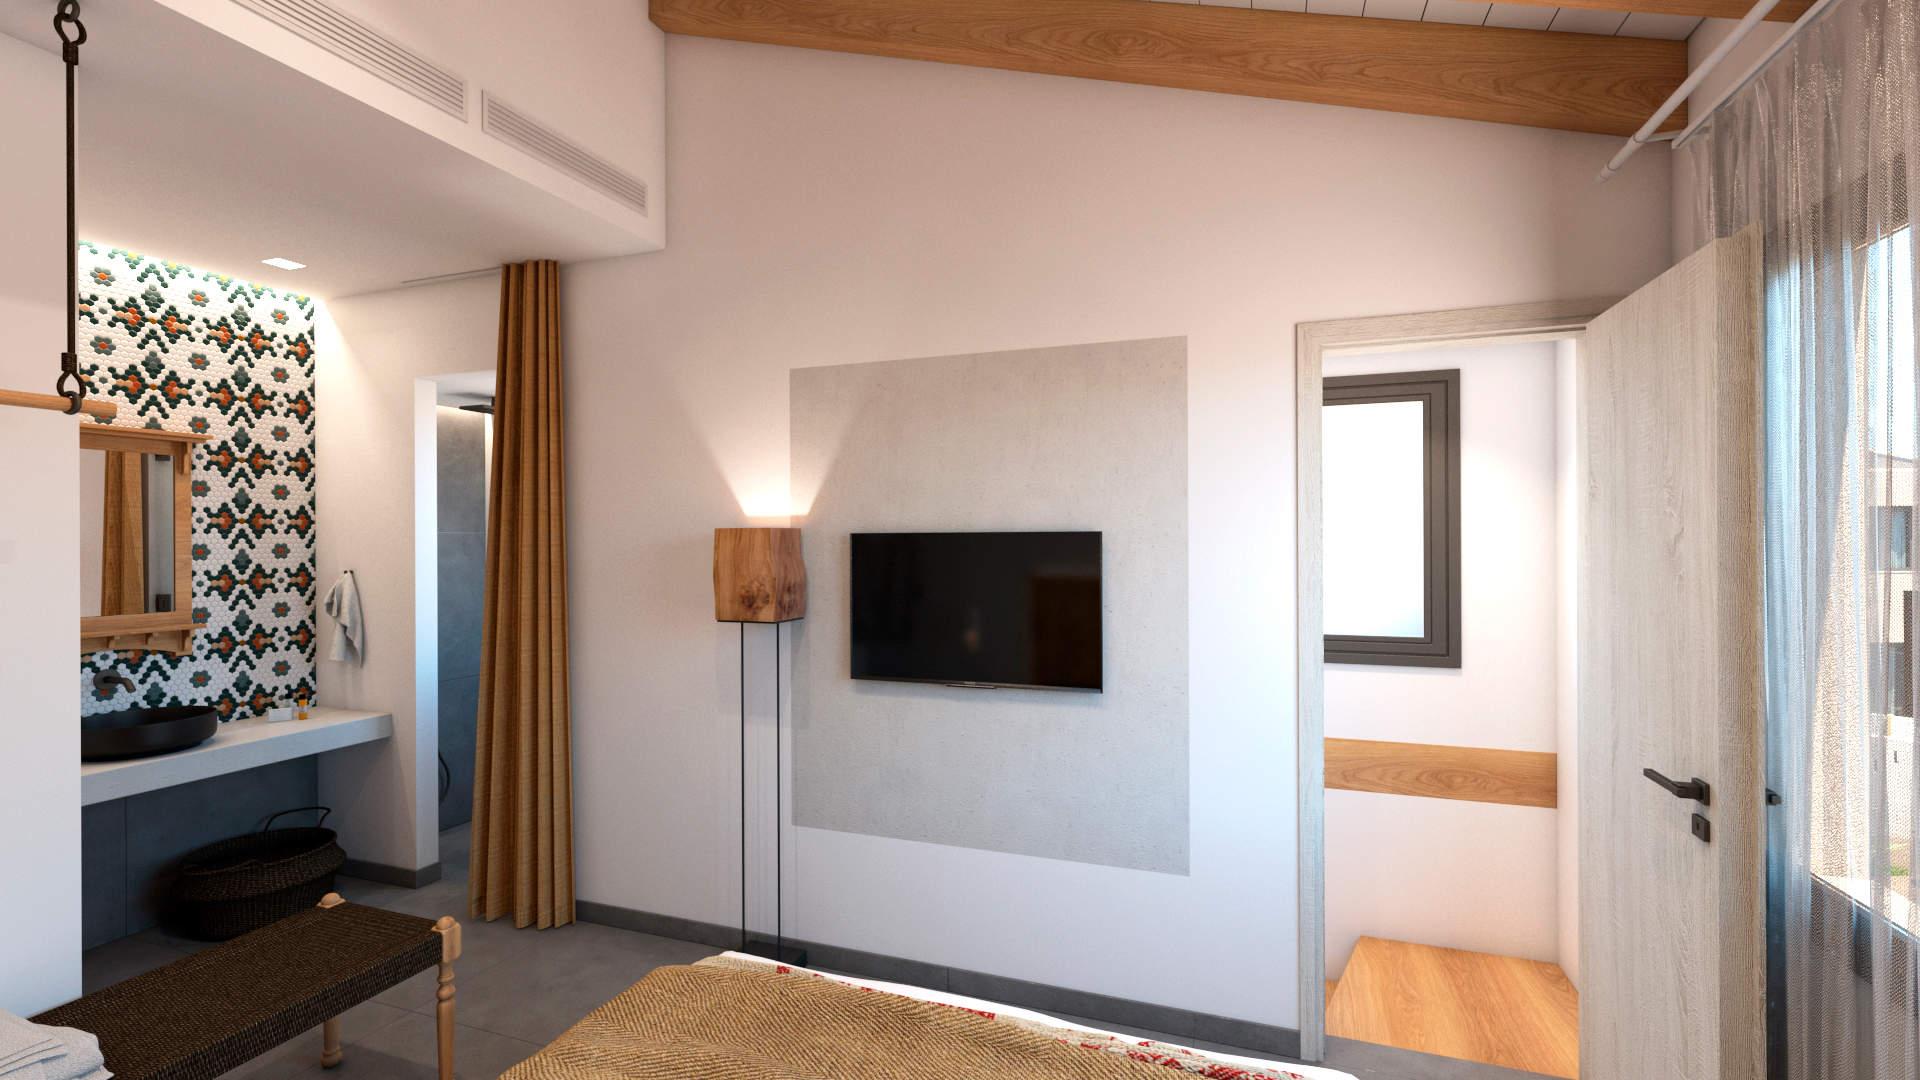 villas complex, interior design, master bedroom, open bathroom, open wardrobe. Συγκρότημα τουριστικών κατοικιών, εσωτερικός χώρος, κύριο υπνοδωμάτιο, ανοιχτό μπάνιο, ανοιχτή ντουλάπα.